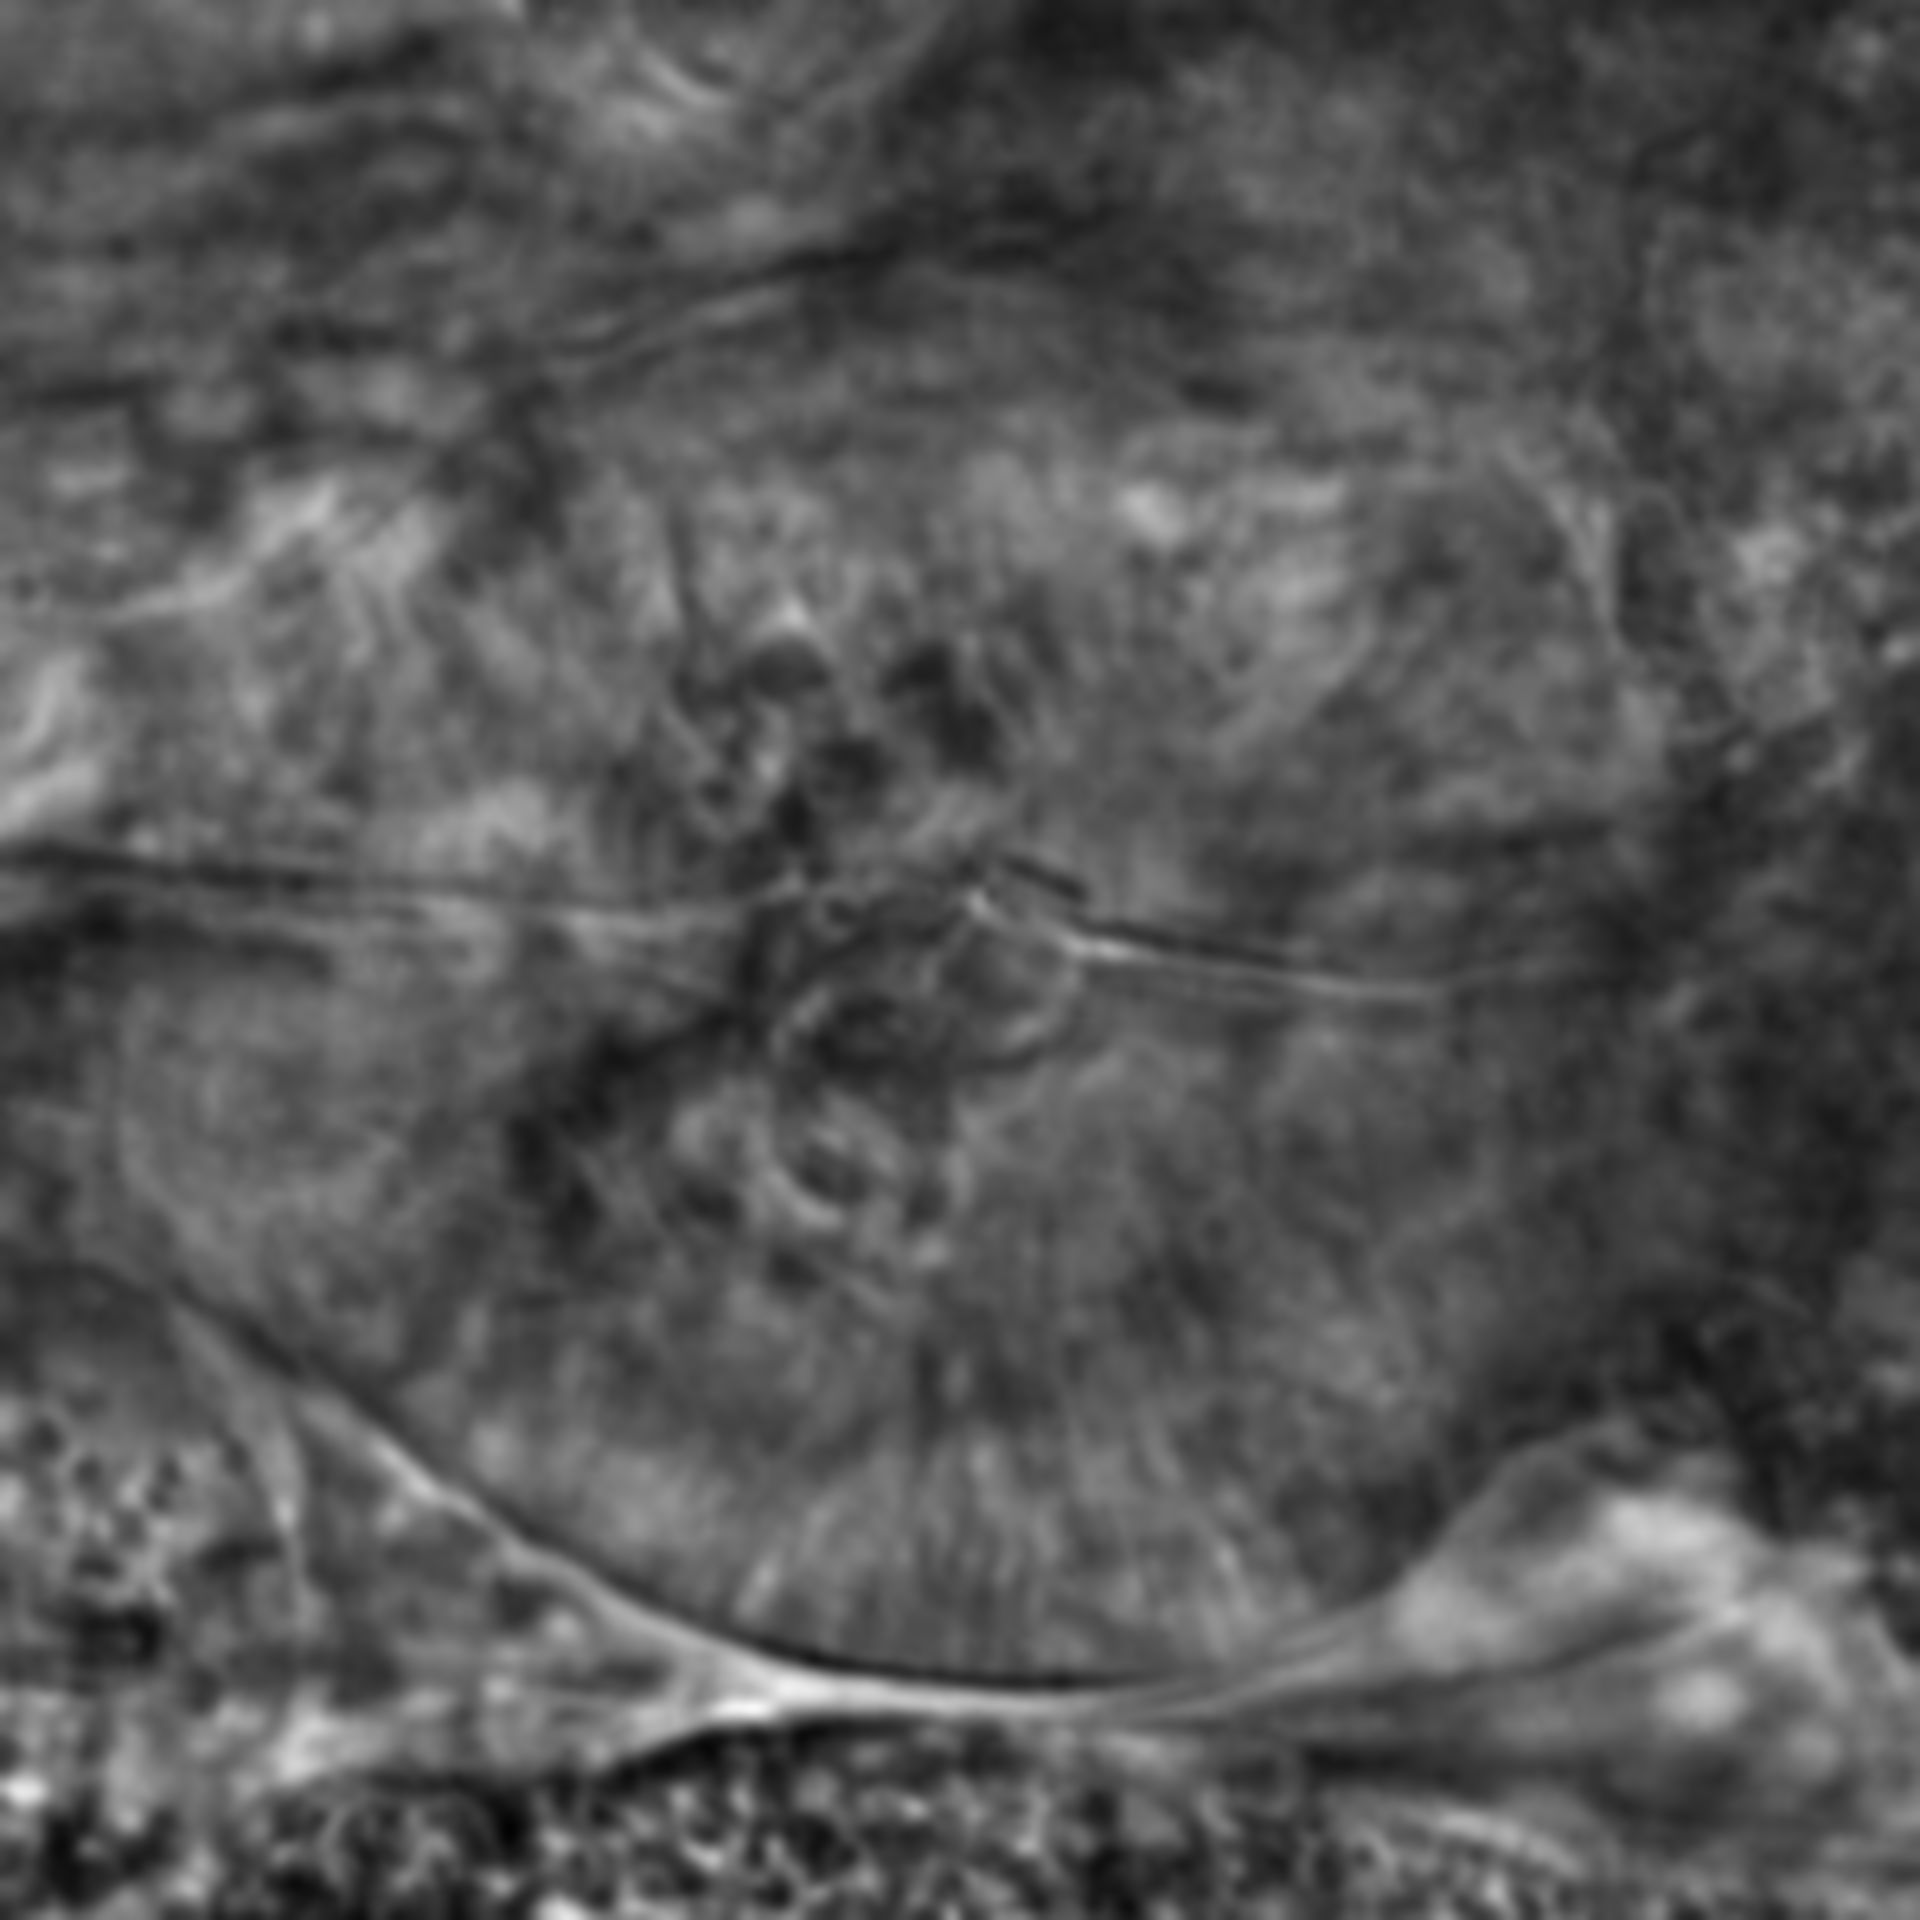 Caenorhabditis elegans - CIL:1948